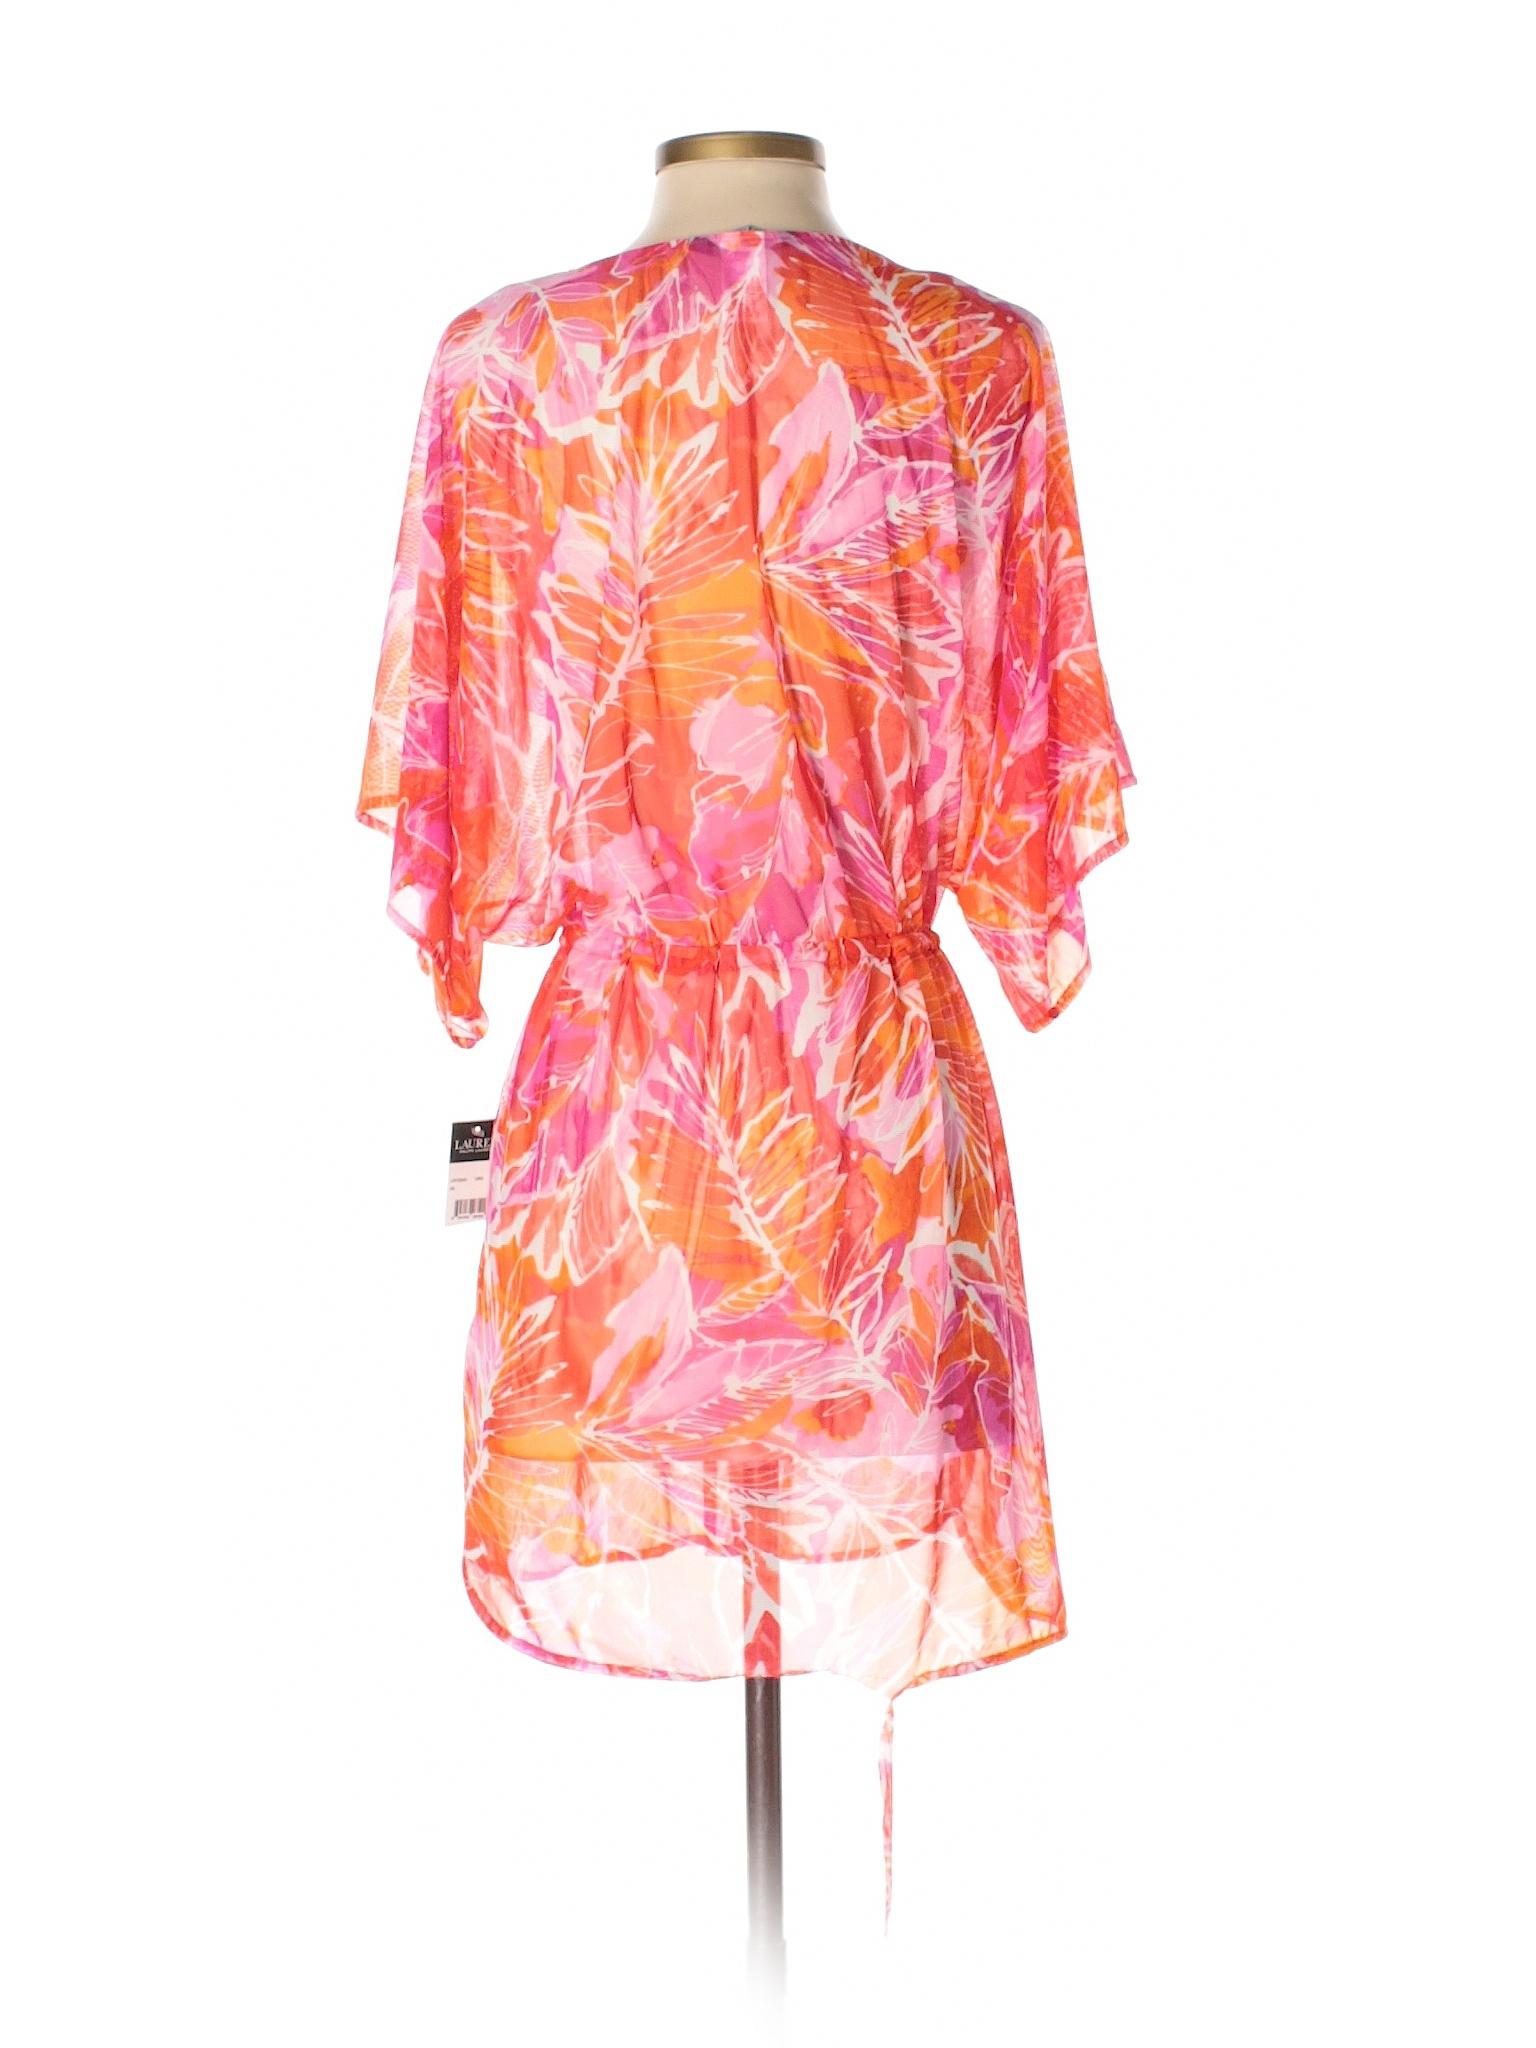 Boutique Lauren by Up Ralph Lauren Cover Swimsuit r8qTnqxF4w